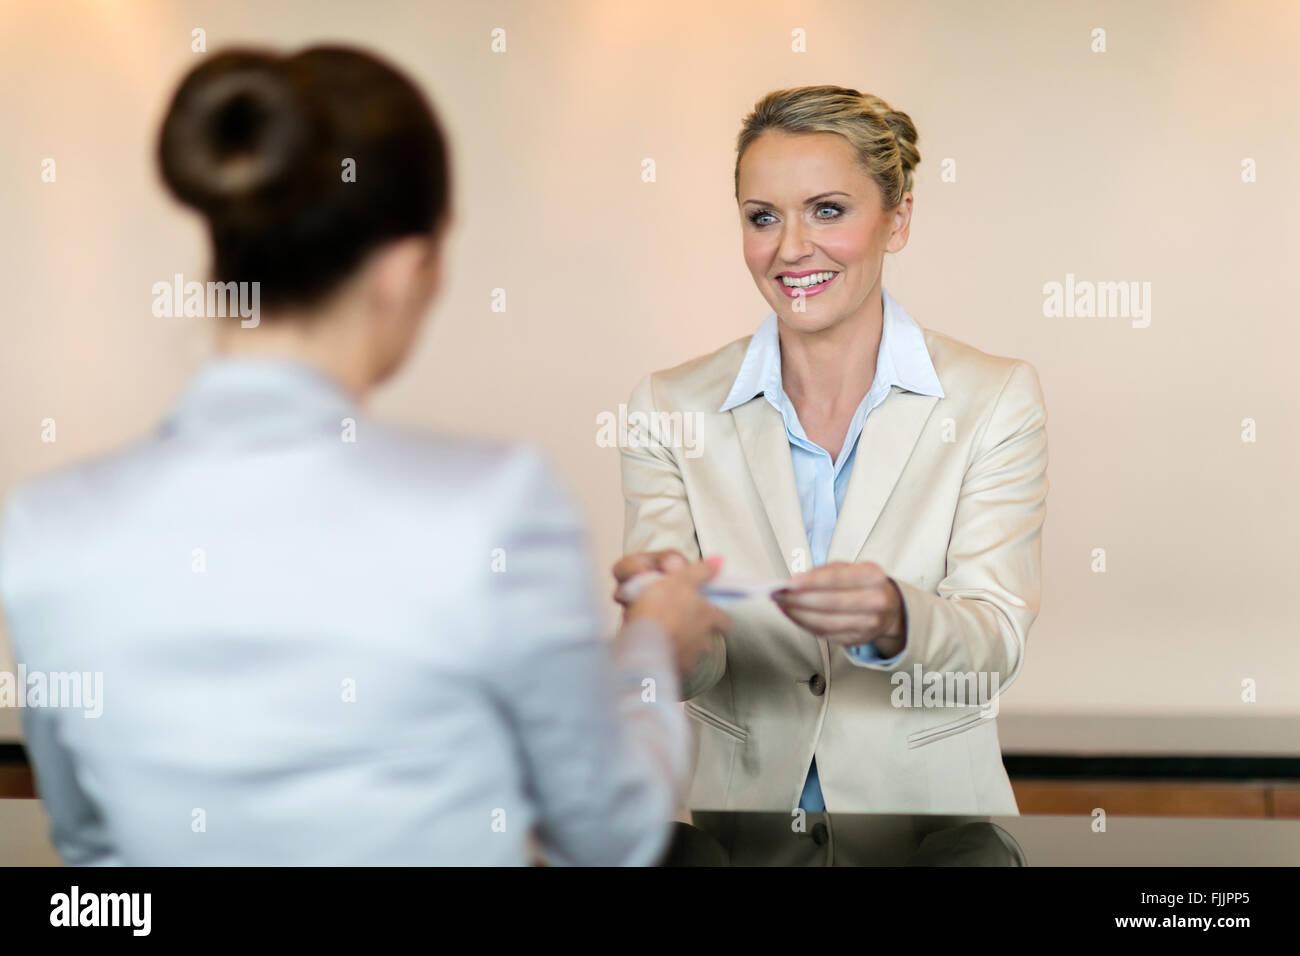 Amable recepcionista de hotel entrega clave para el cliente Imagen De Stock